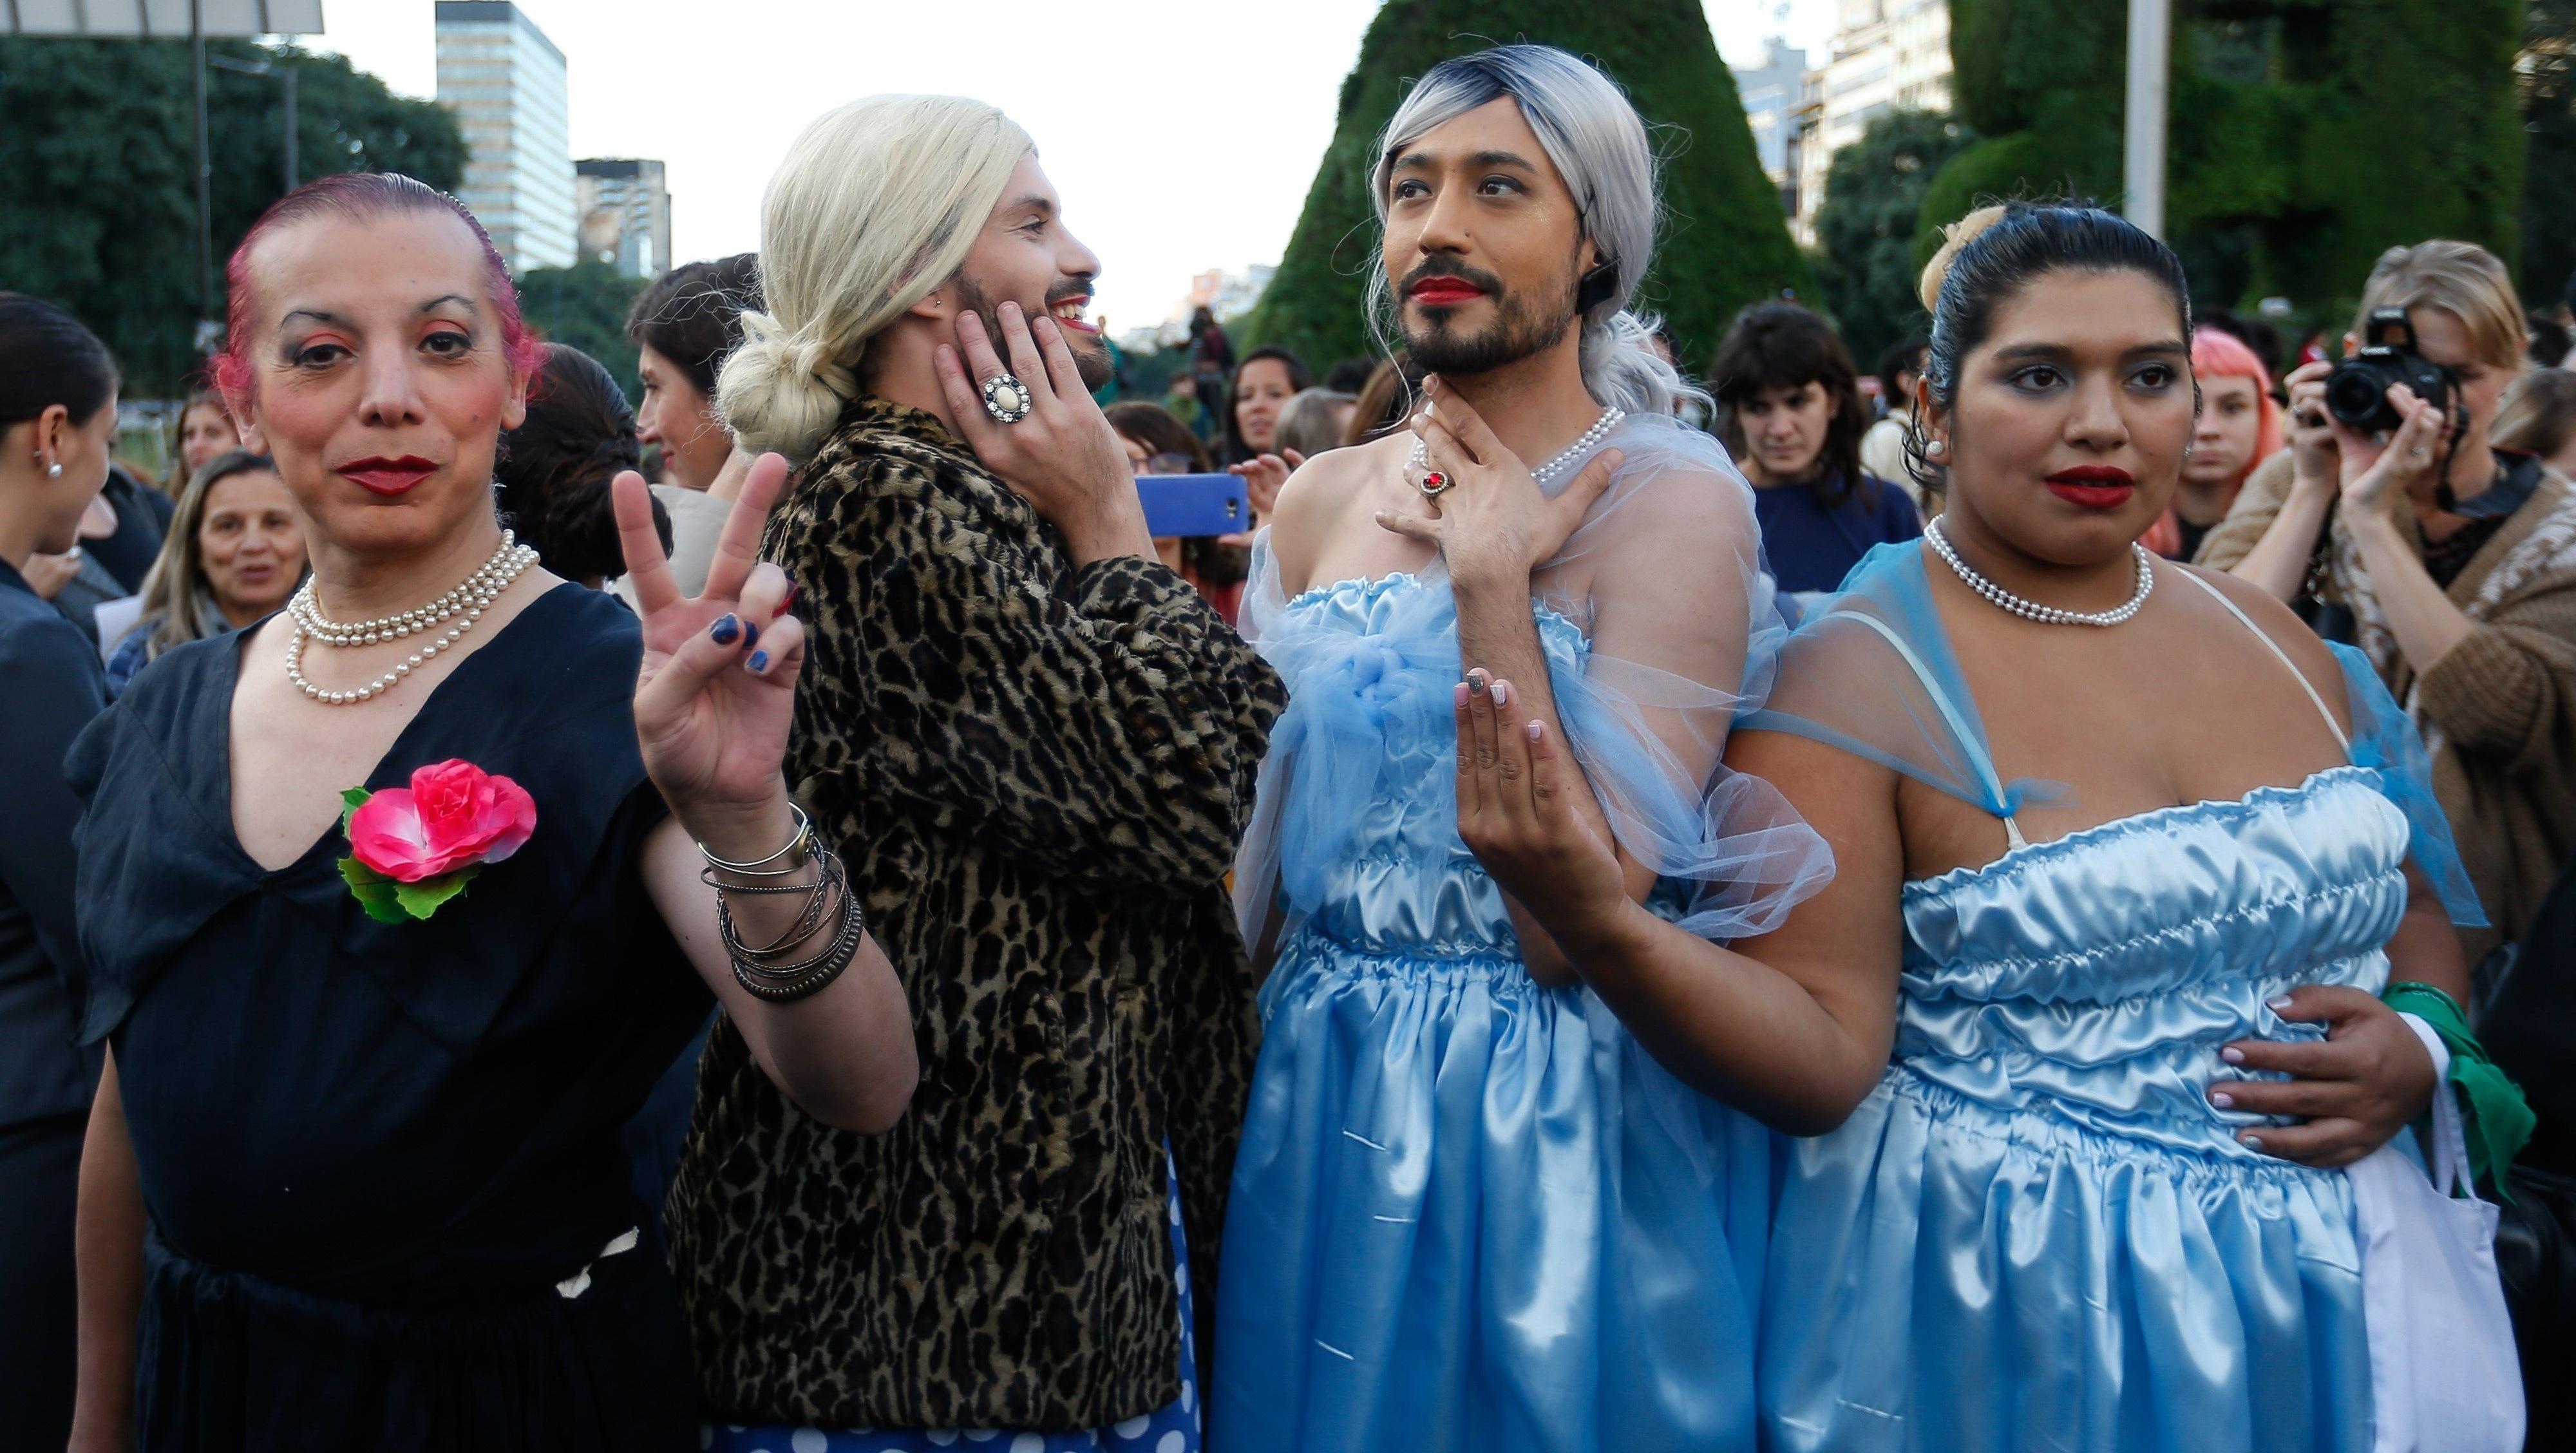 """Bajo la consigna """"Evita el macrismo"""", cien mujeres """"invocaron""""la figura deEvaPerón,que este martes cumpliría 100 años. Fue en una representación teatralizada en el centro de Buenos Aires."""